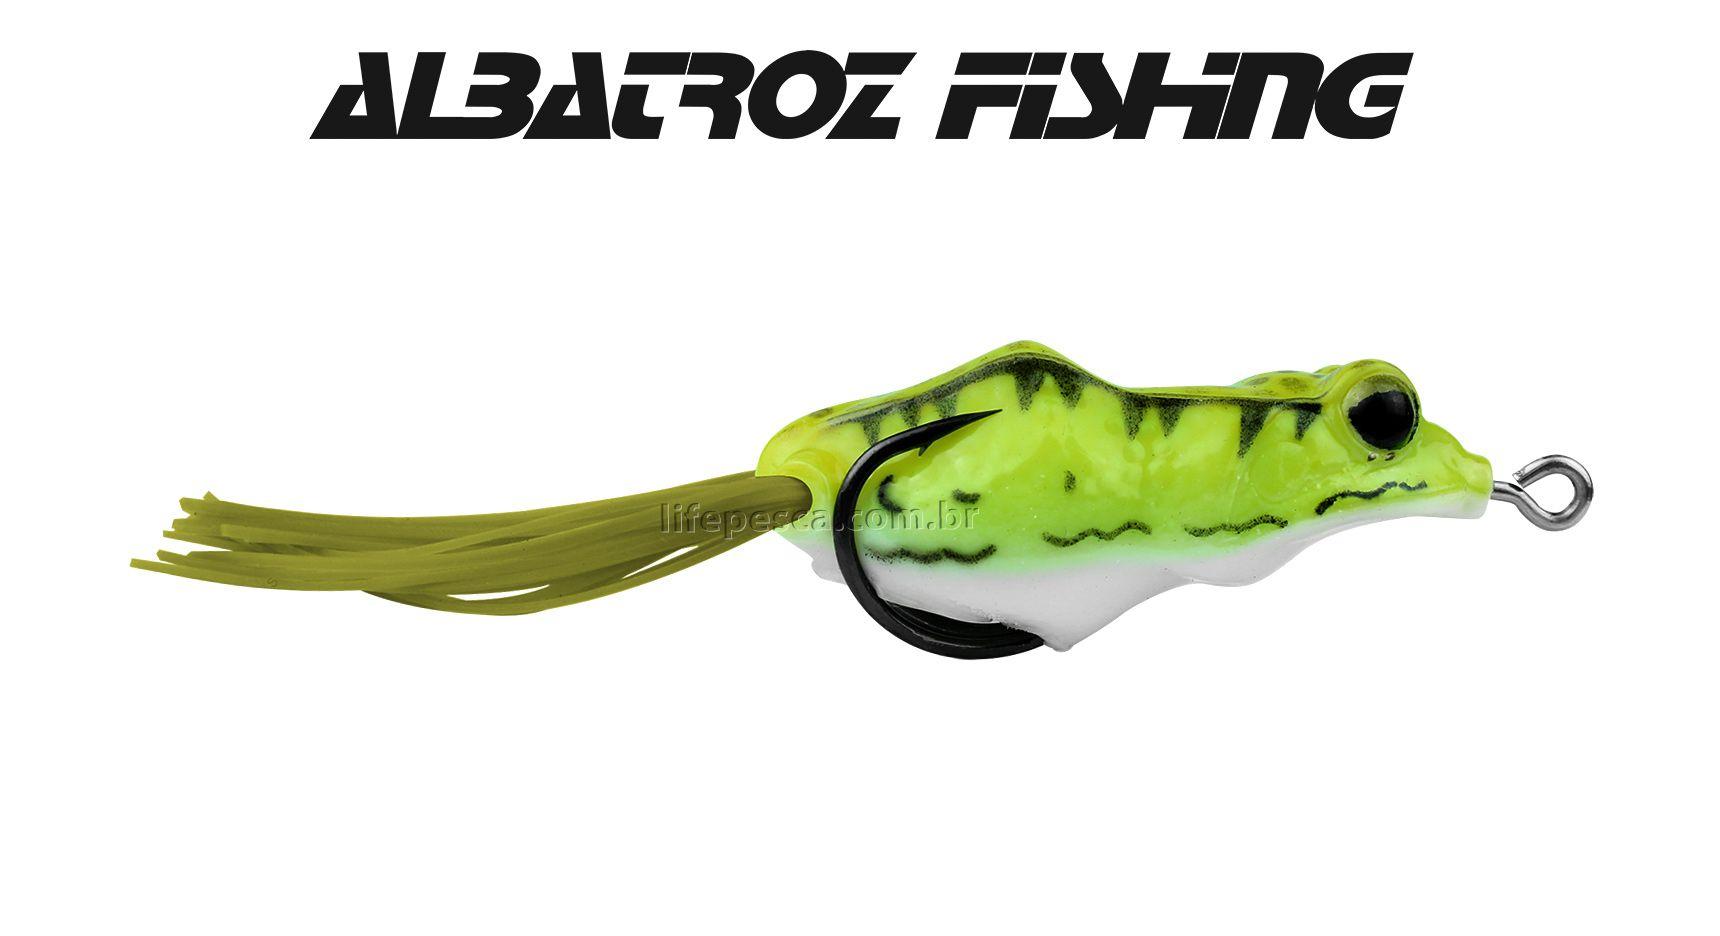 Isca Artificial Albatroz Fishing Top Frog XY-39 - 5,5cm (9,5g) - Várias Cores  - Life Pesca - Sua loja de Pesca, Camping e Lazer